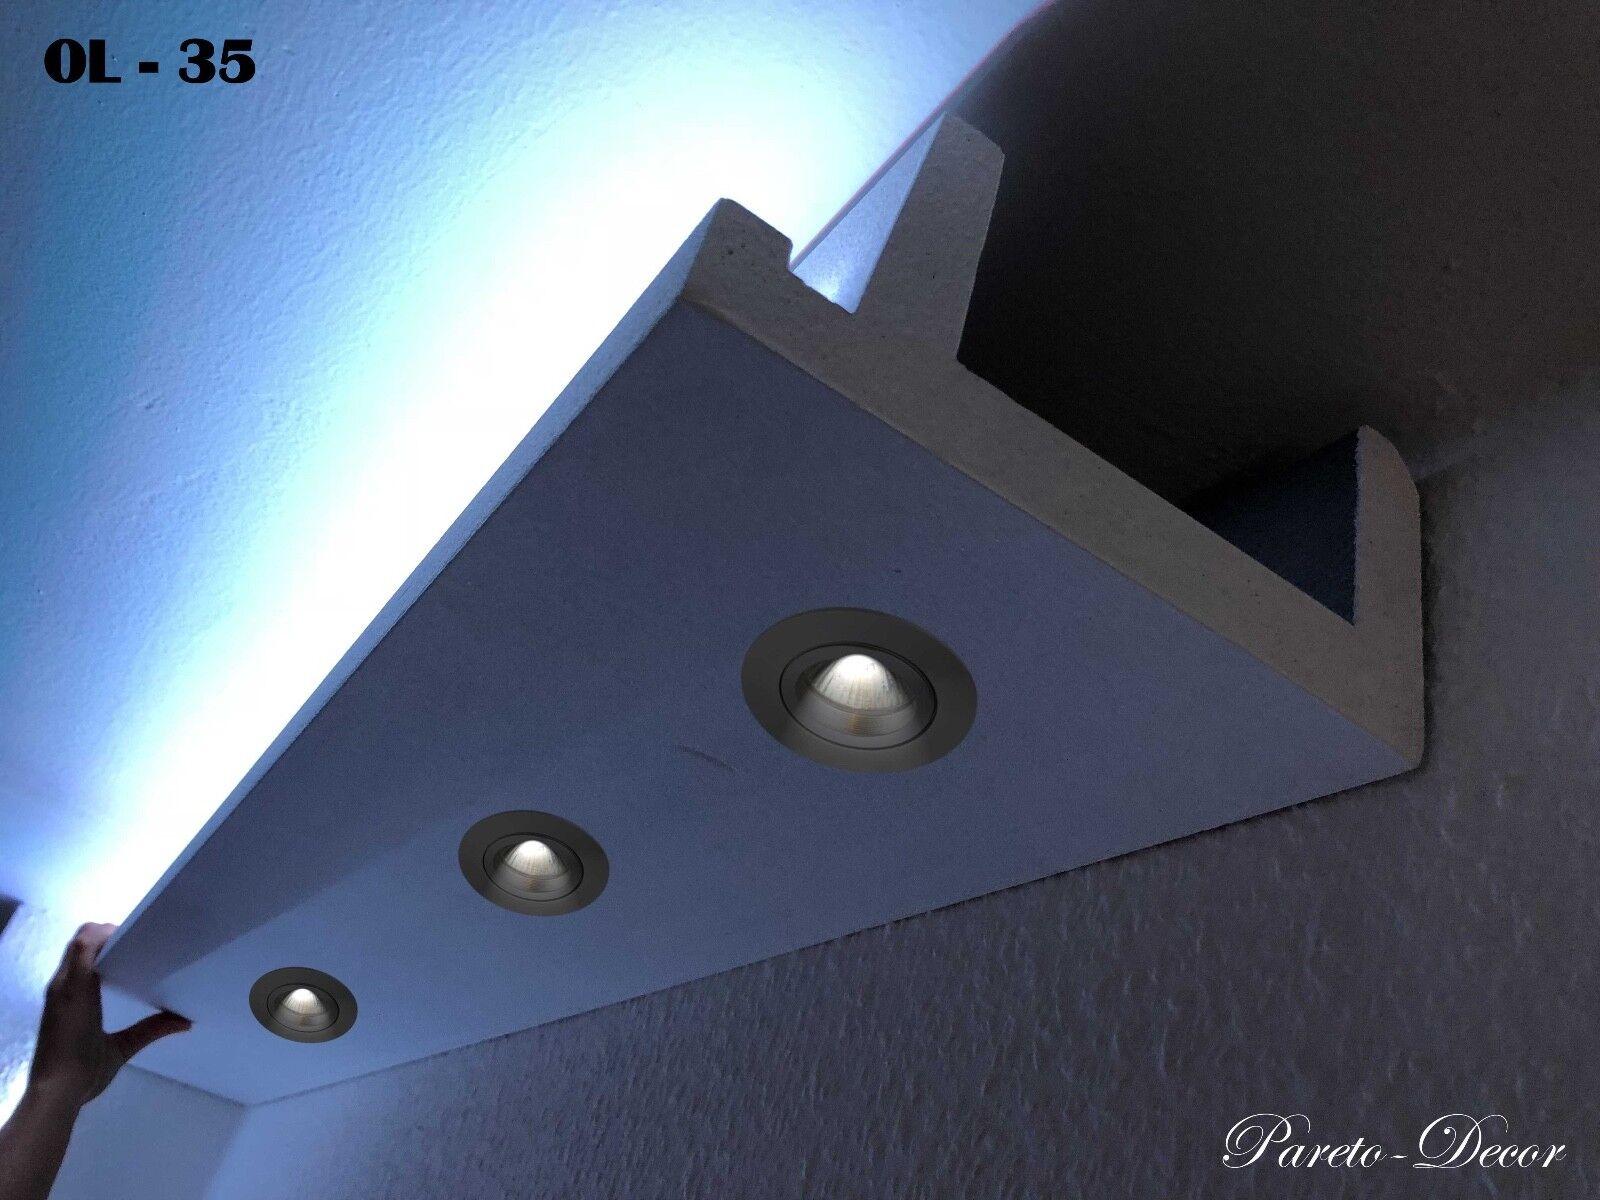 6 Meter LED Licht Bebauung Profil Spot für indirekte Beleuchtung XPS OL-35 Weiß